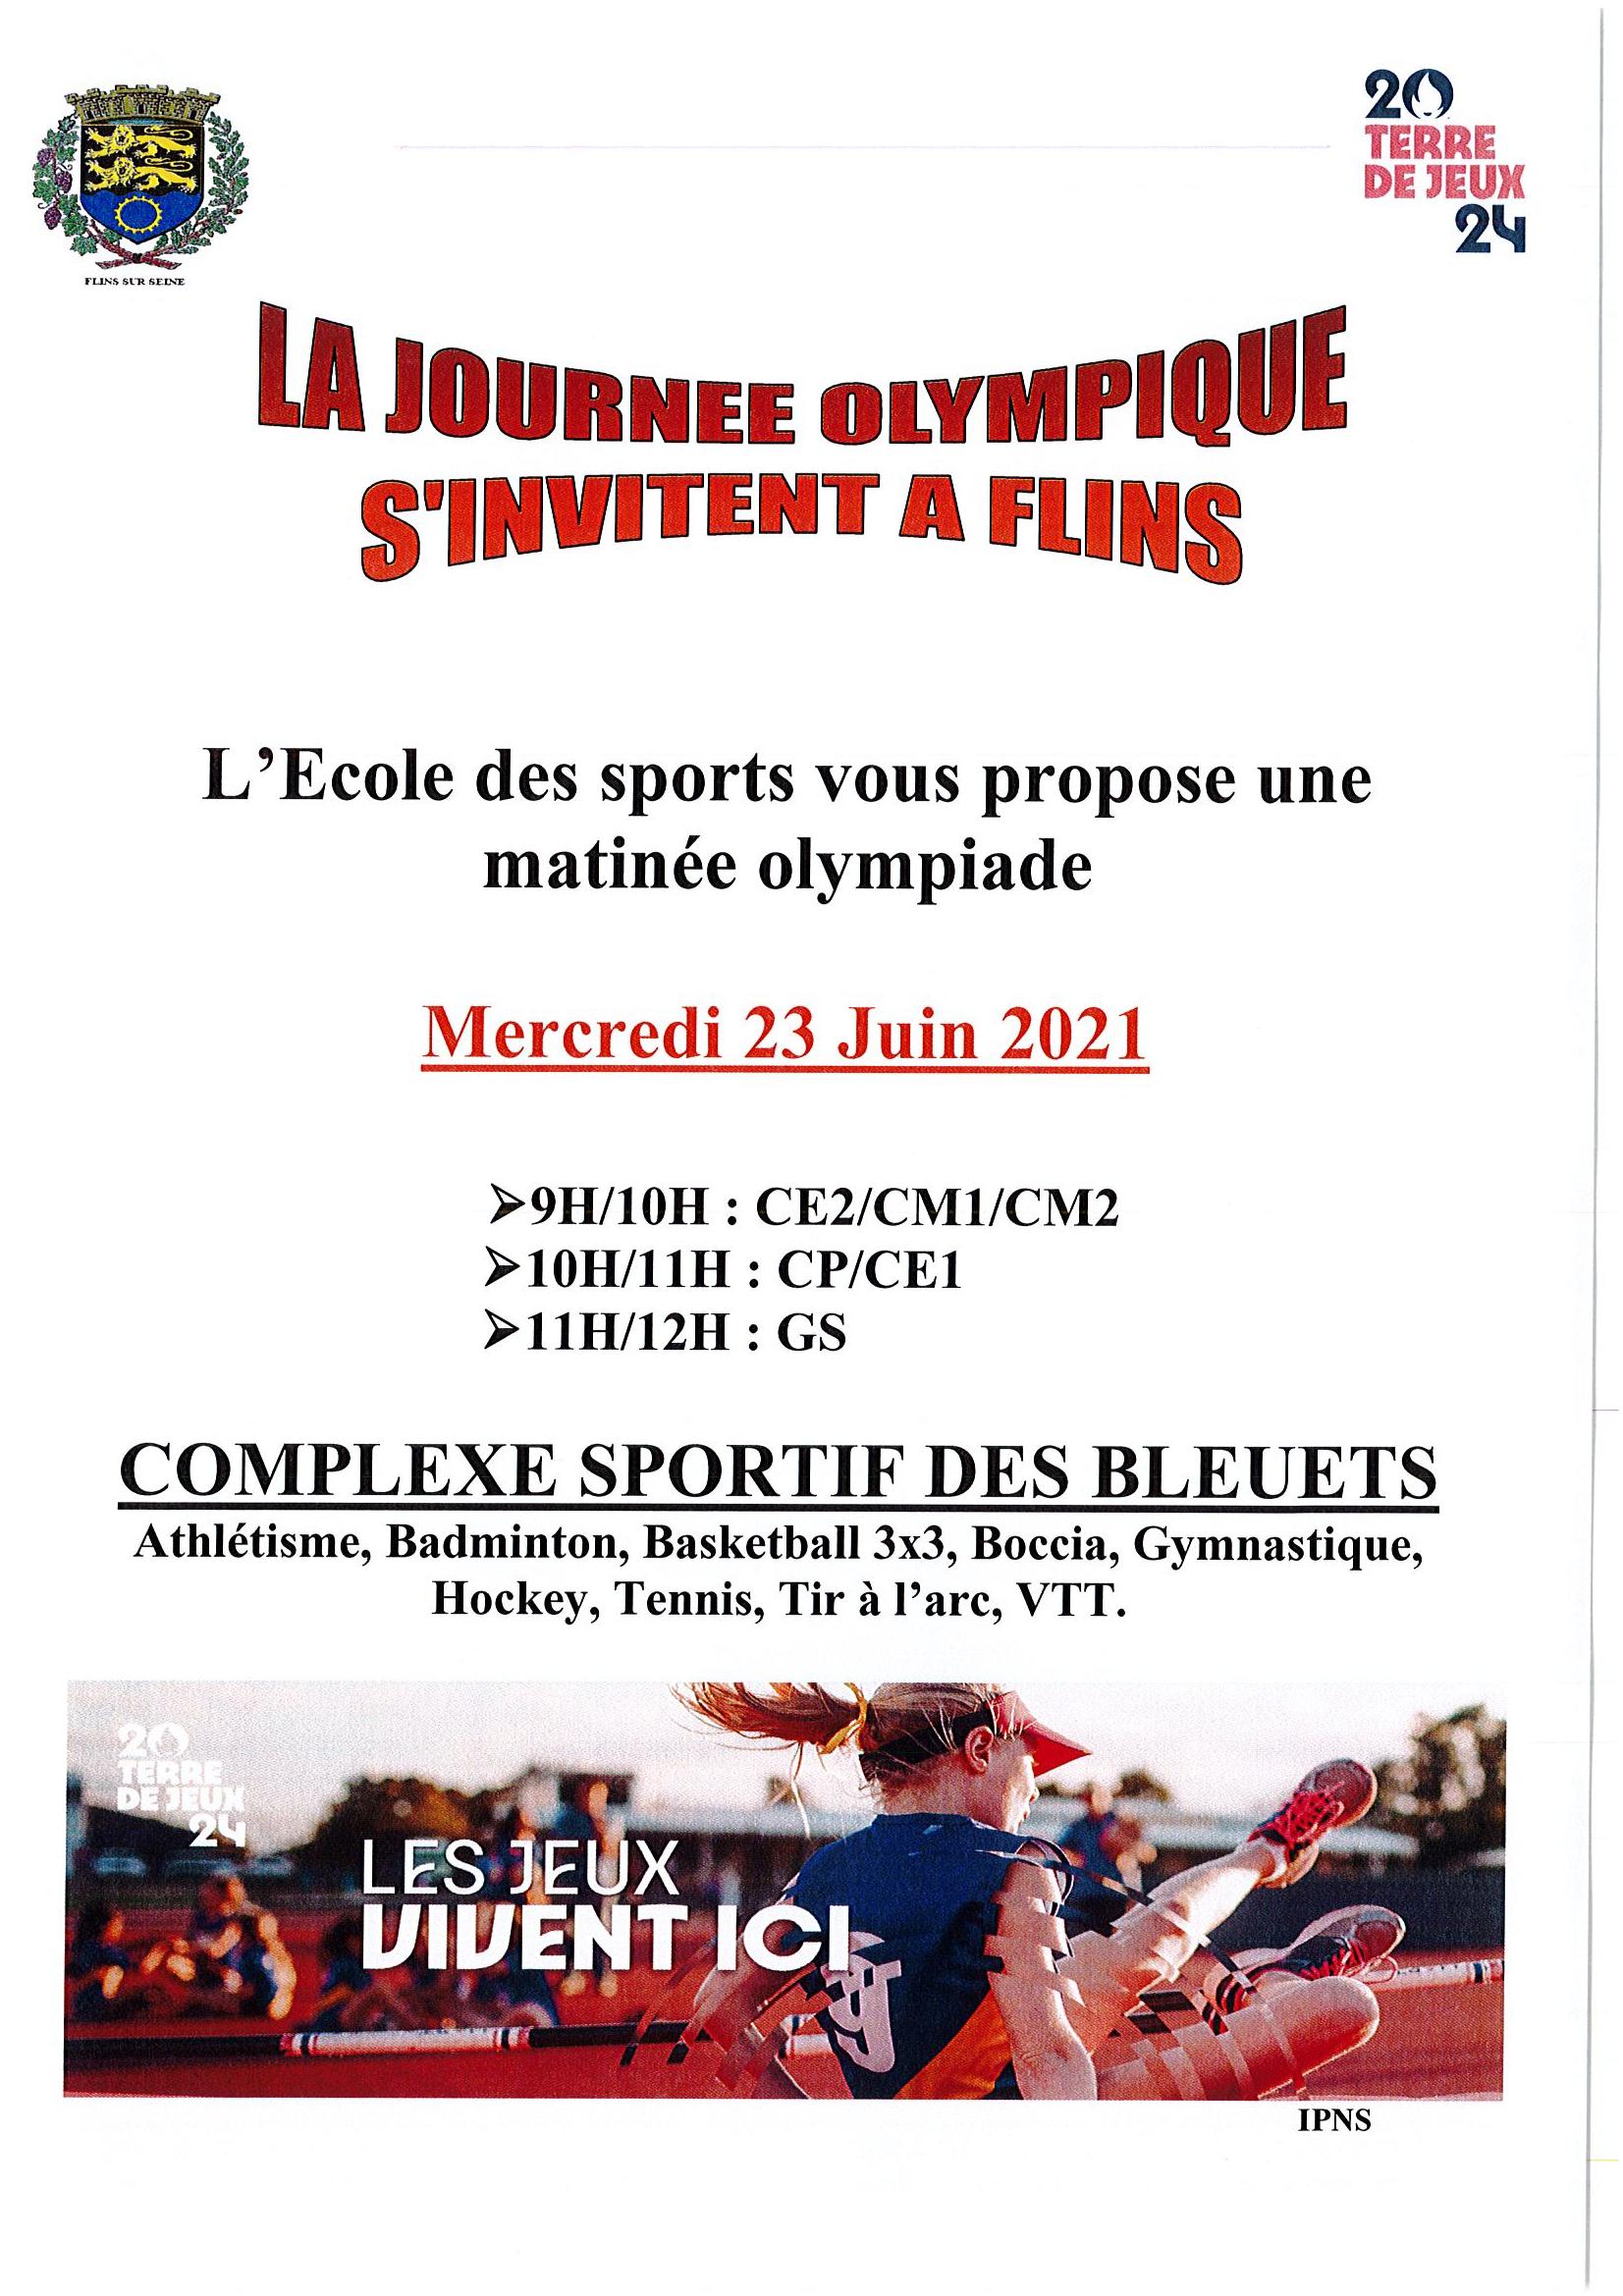 Affiche-journee-olympique.jpg